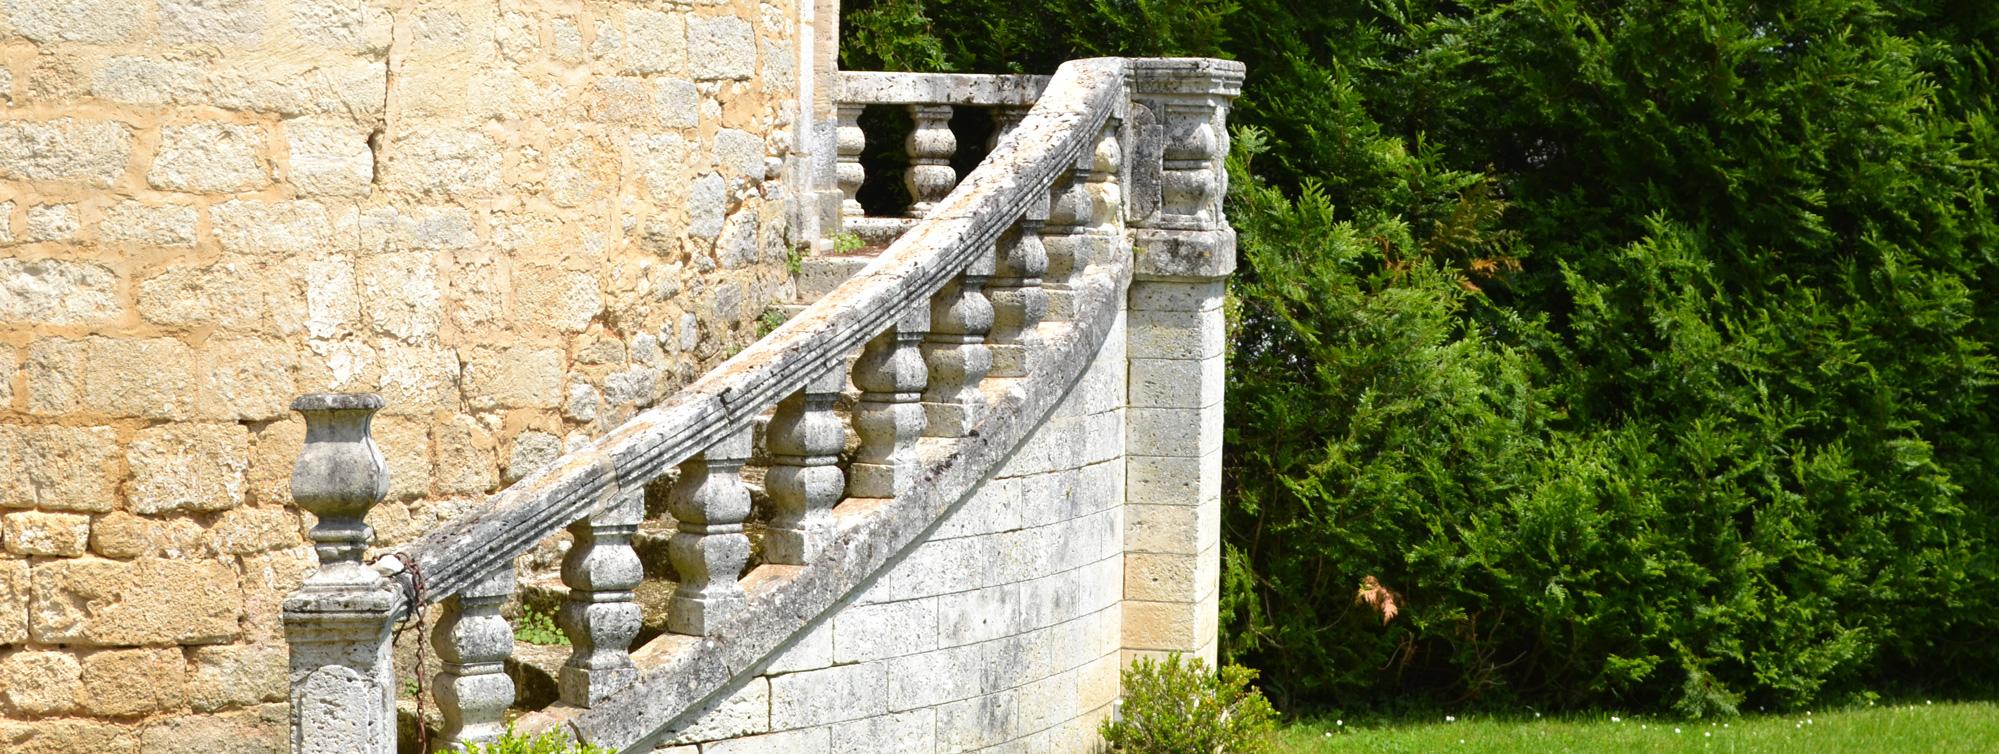 Escalier Tour de Maumont ©Chateau de Maumont